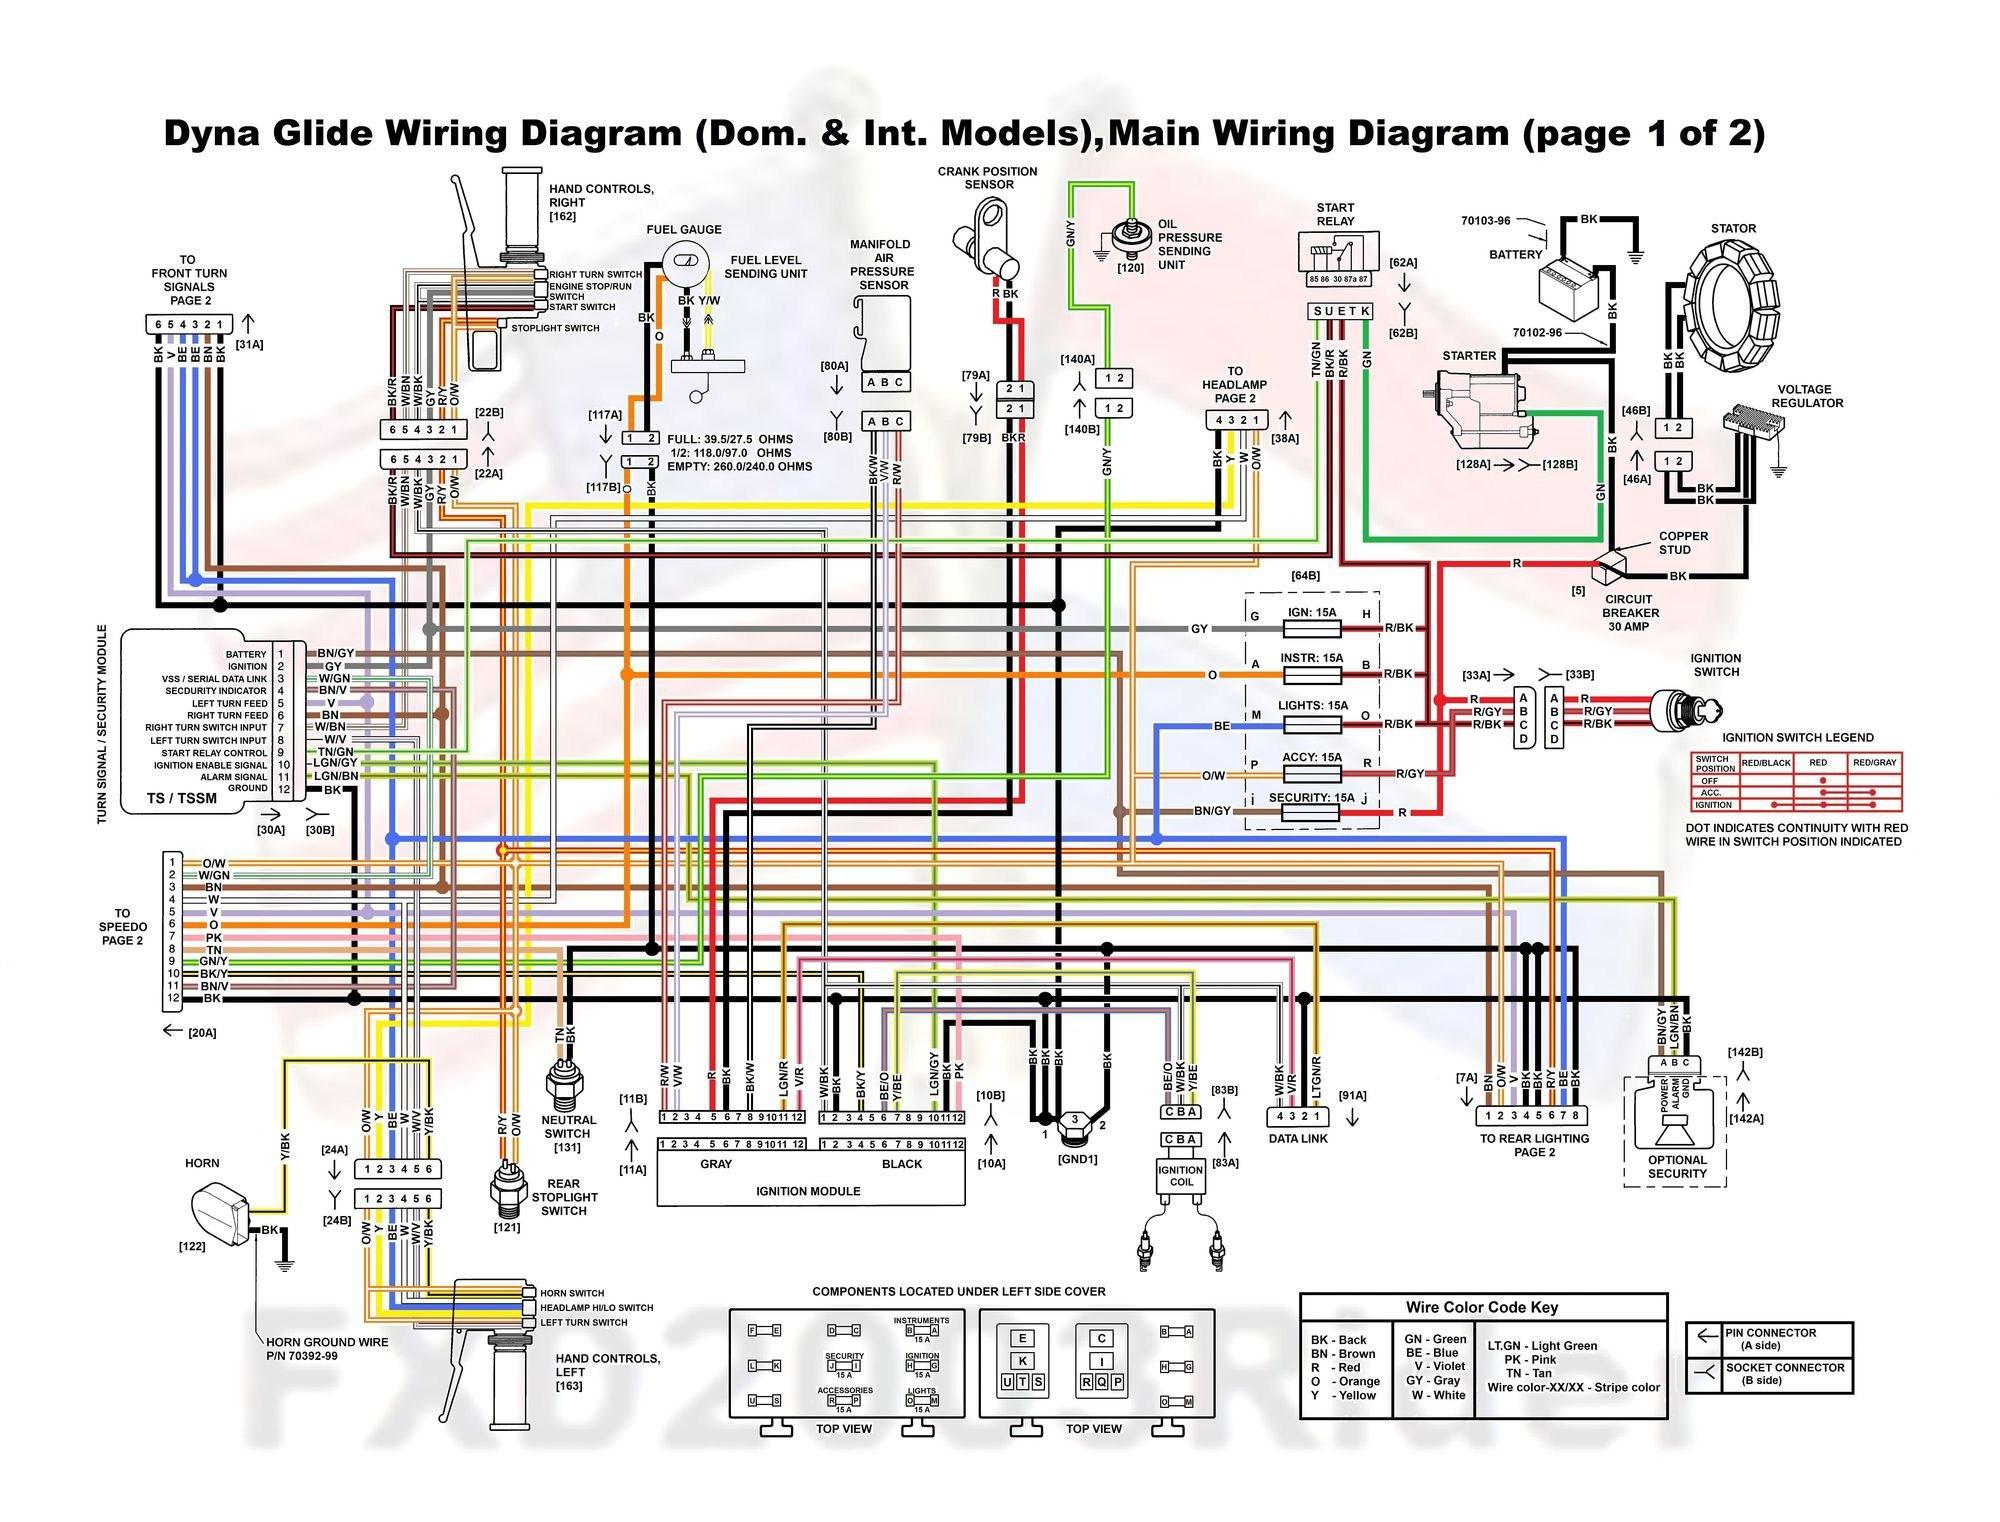 1965 Harley Davidson Wiring Diagram | Wiring Diagram - Harley Davidson Wiring Diagram Manual